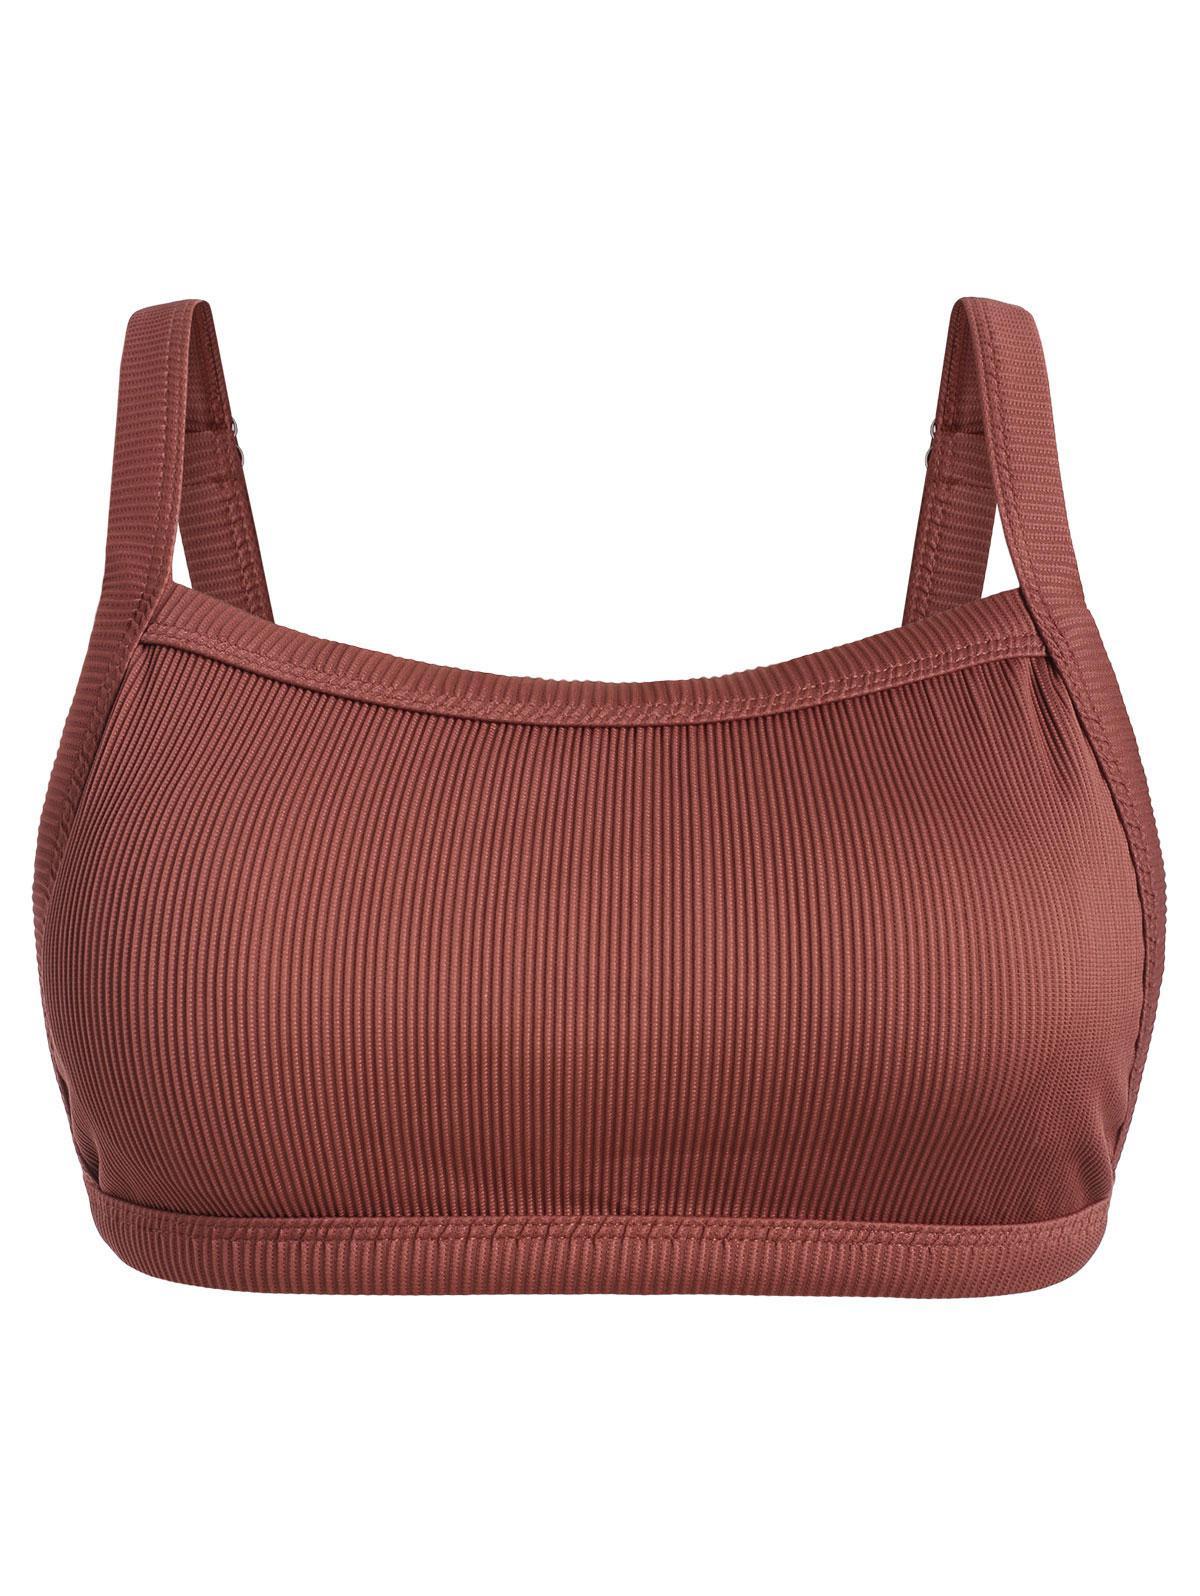 ZAFUL Plus Size Textured Ribbed Bikini Top